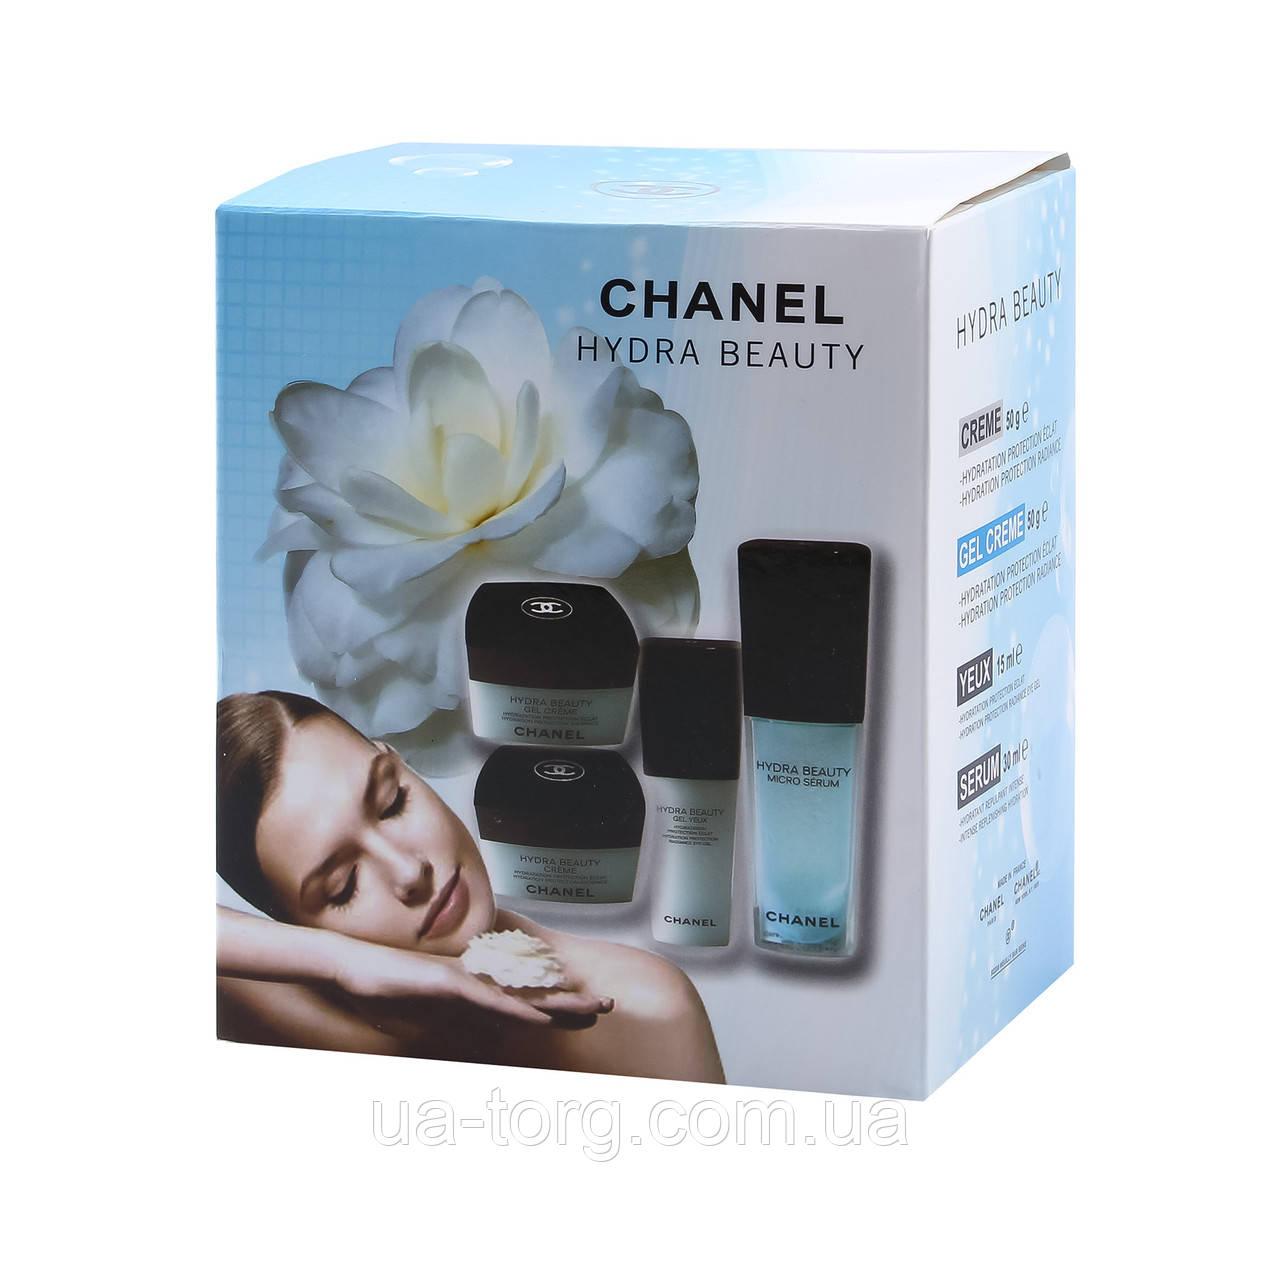 Набор кремов для лица Chanel Hydra Beauty 4 в 1 (упаковка поврежденна)